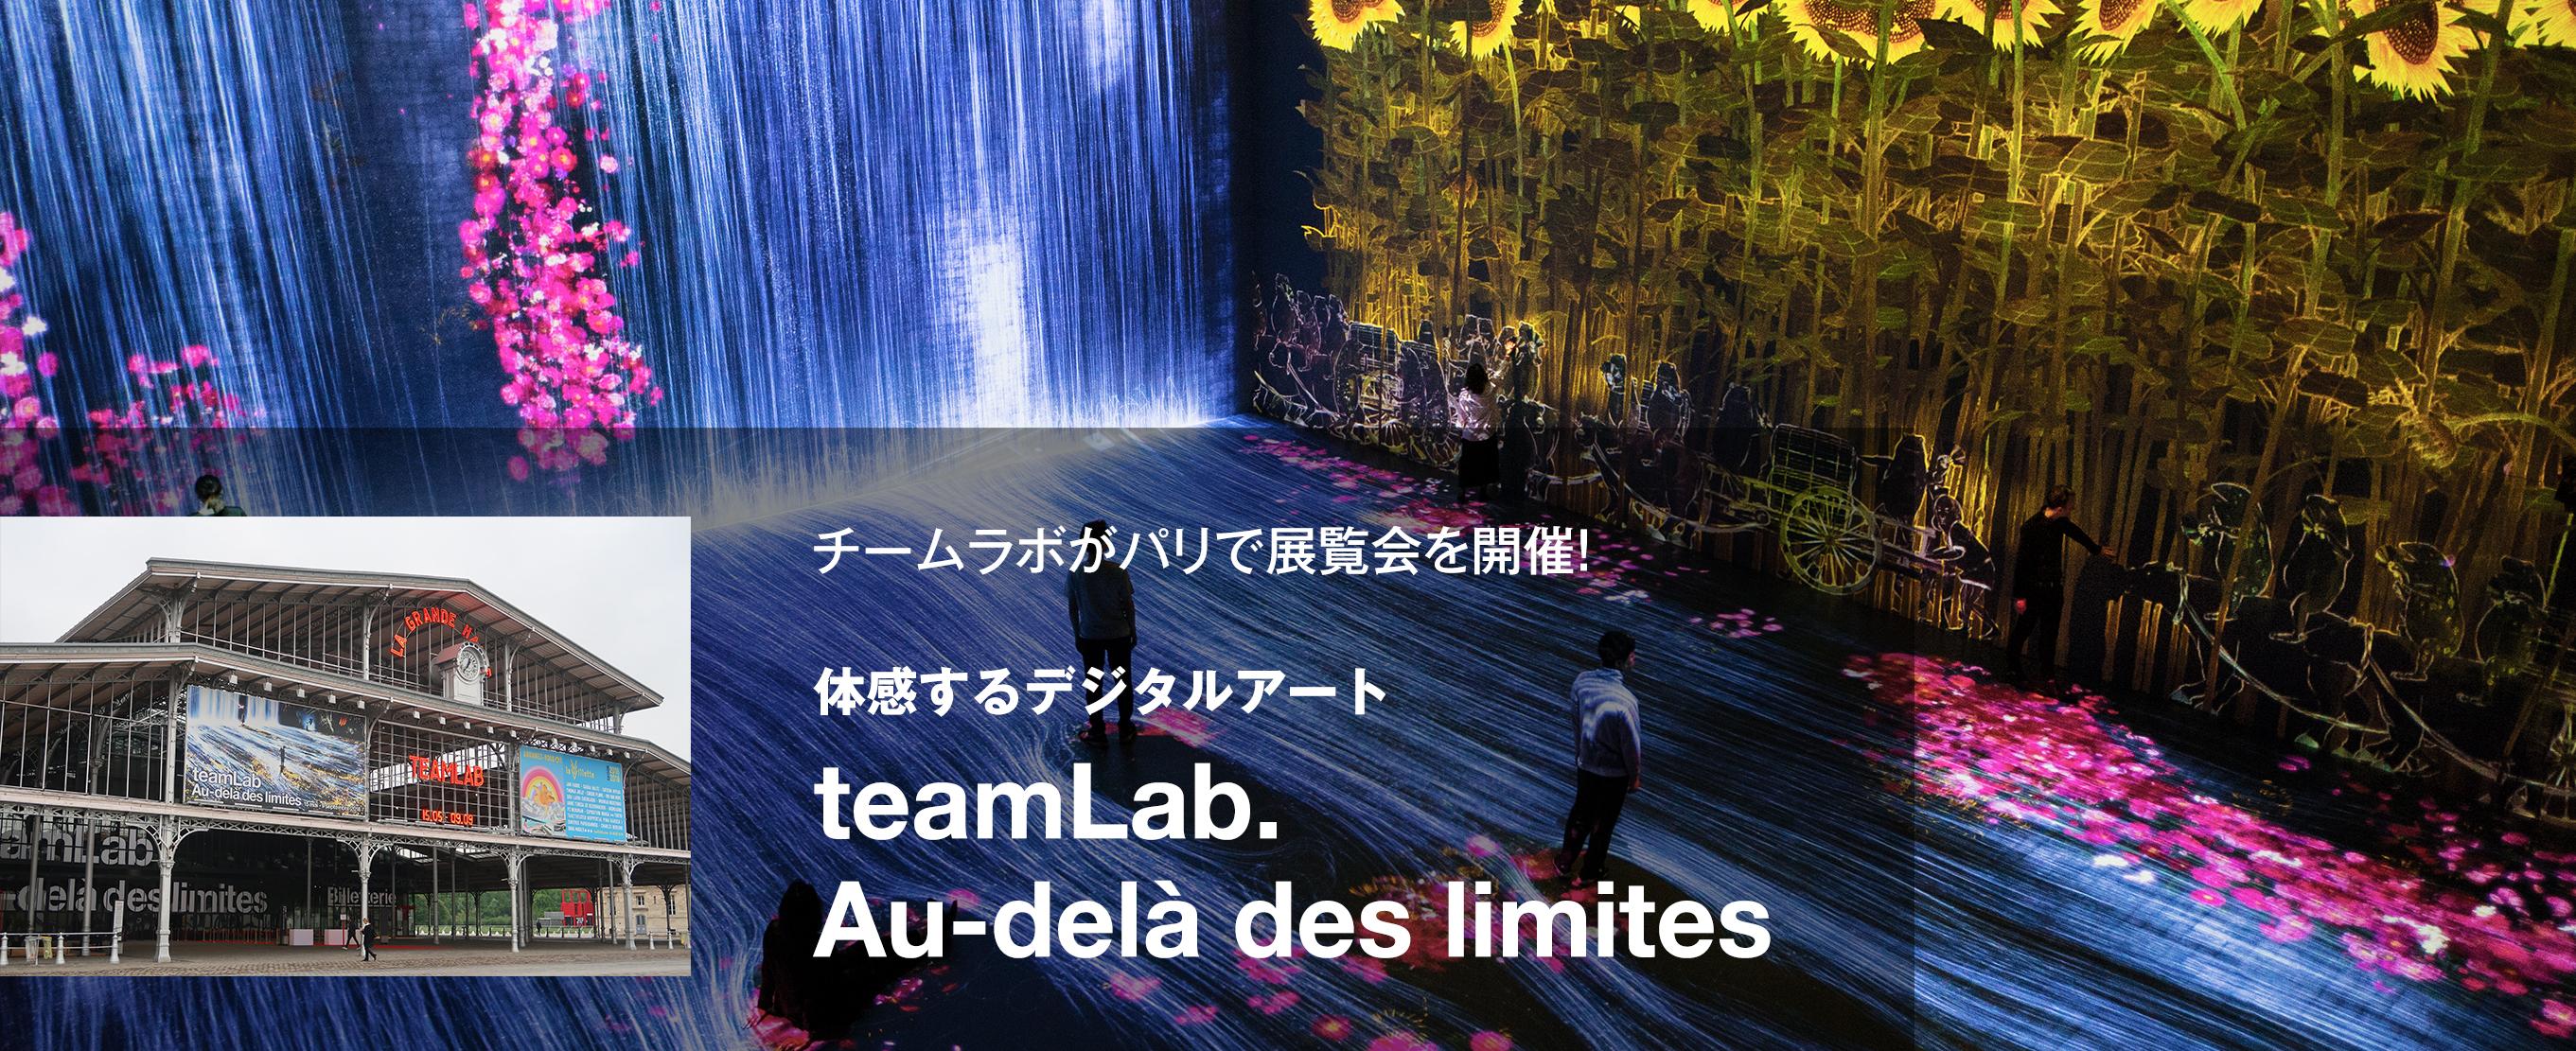 チームラボがパリで展覧会を開催!体感するデジタルアート『teamLab : Au-delà des